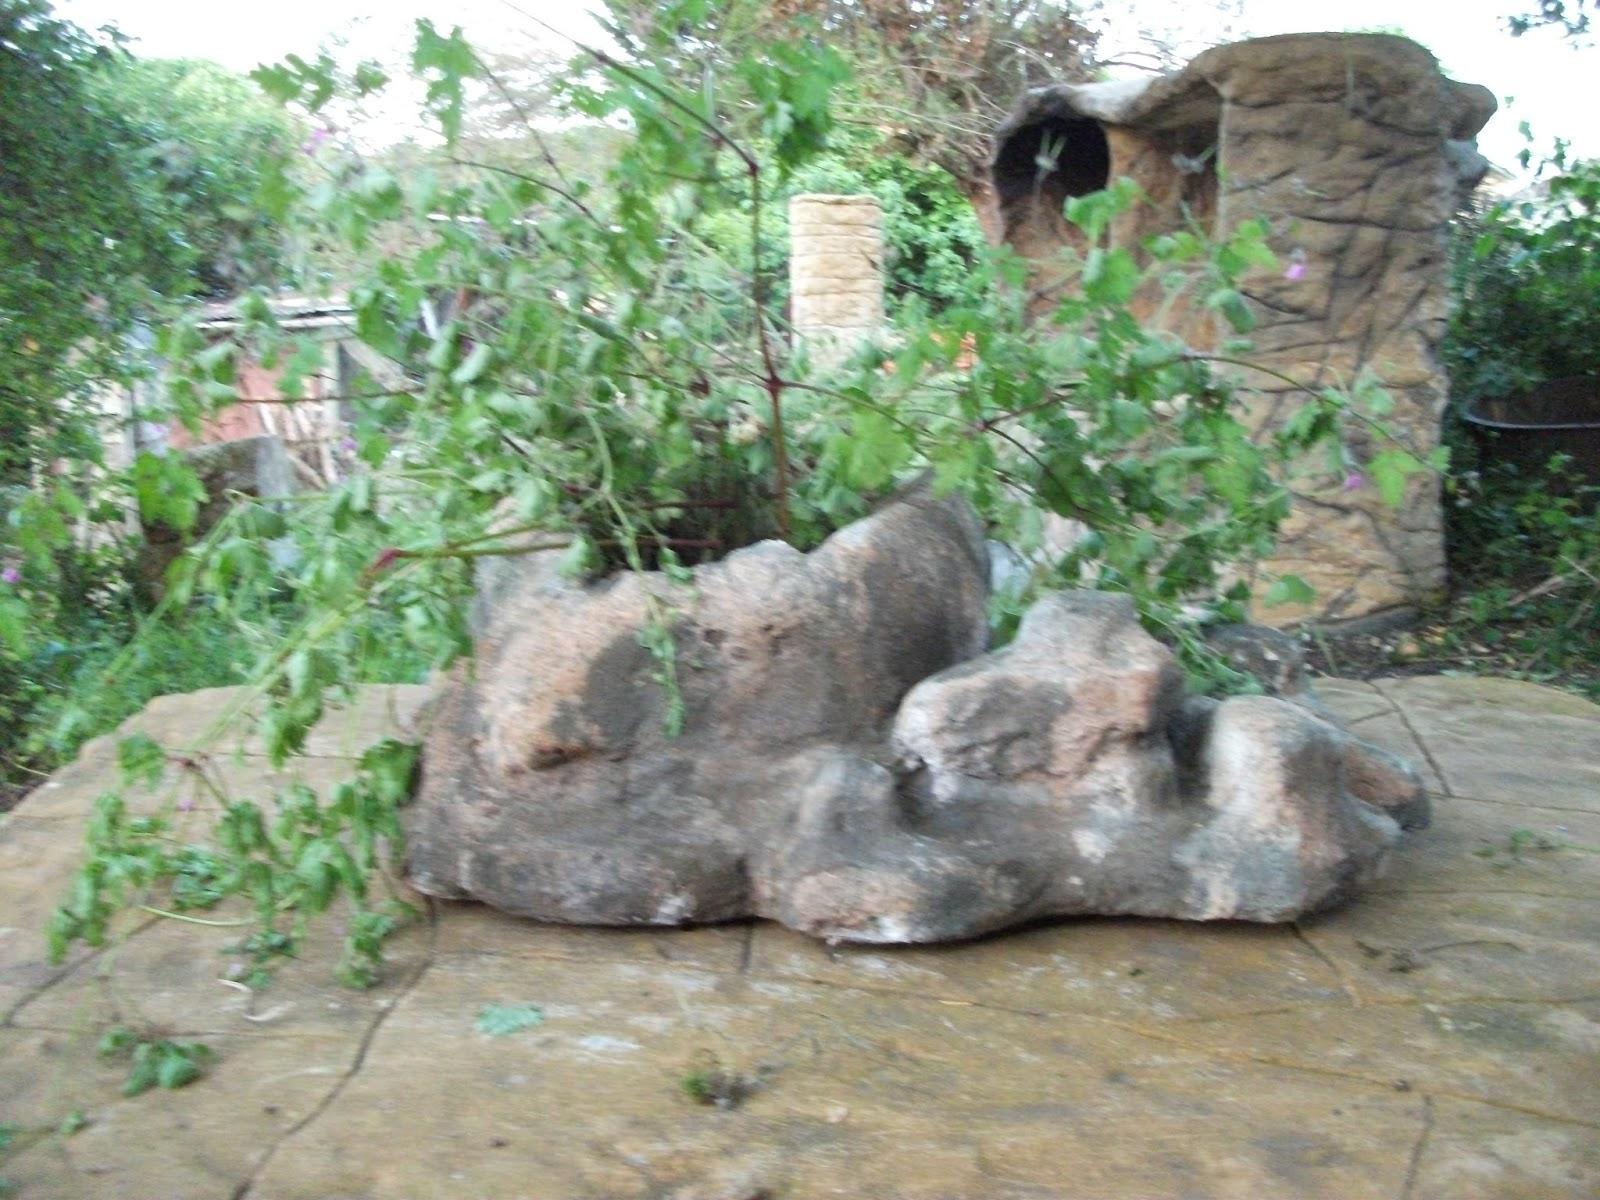 Am nagement de jardin rochers d coratifs faux bois en for Rocher decoratif pour jardin